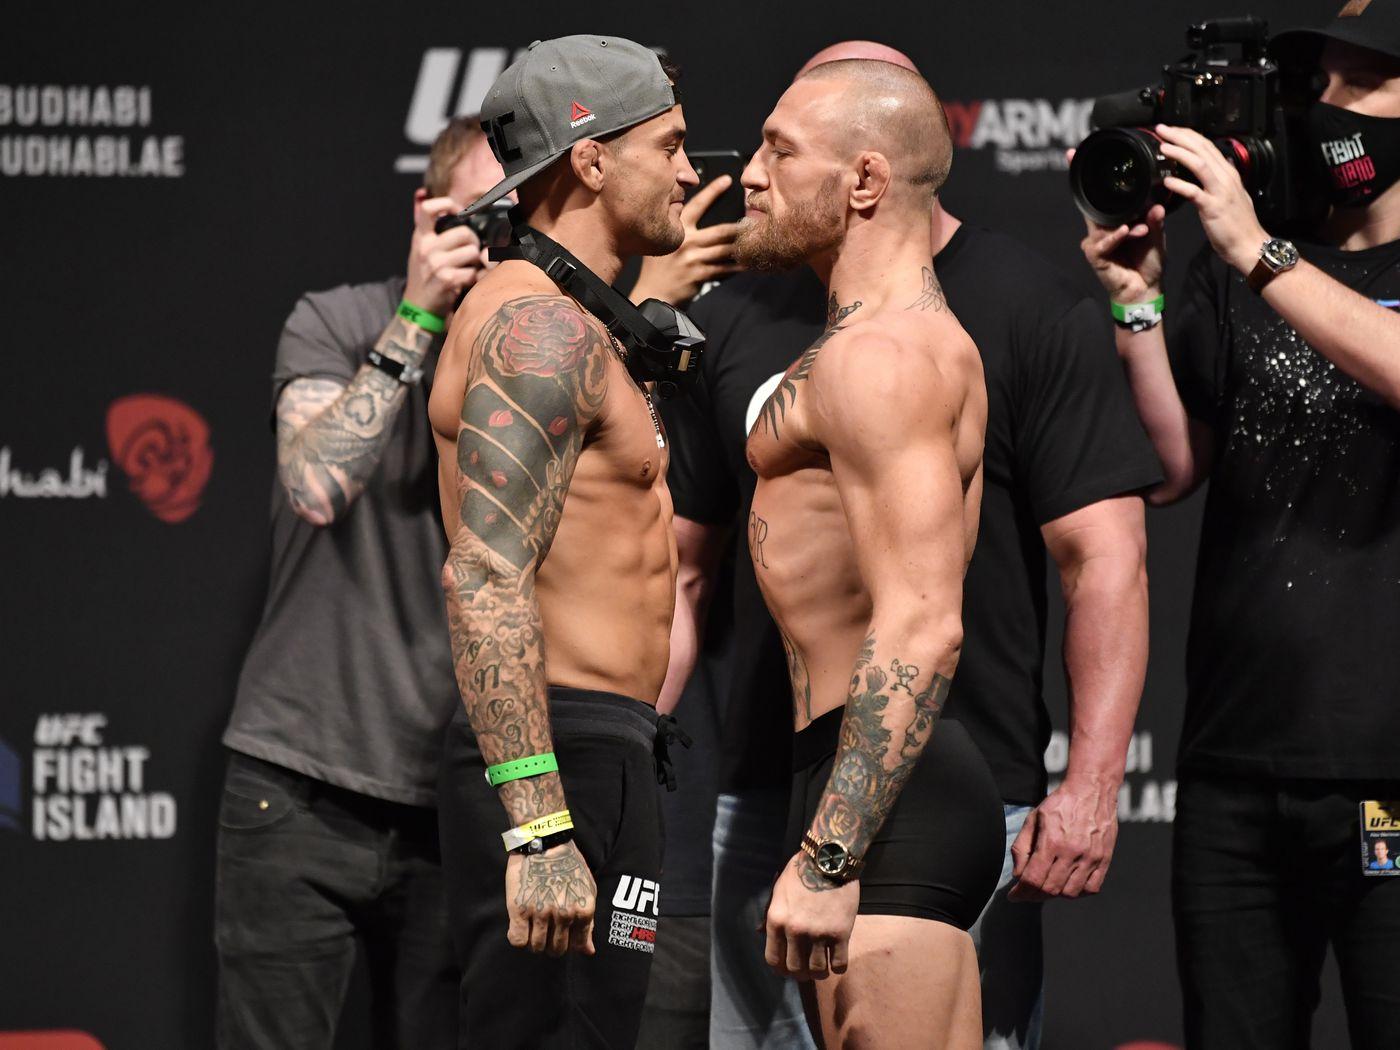 Dana White: UFC targeting Dustin Poirier vs. Conor McGregor 3 for summer - MMA Fighting